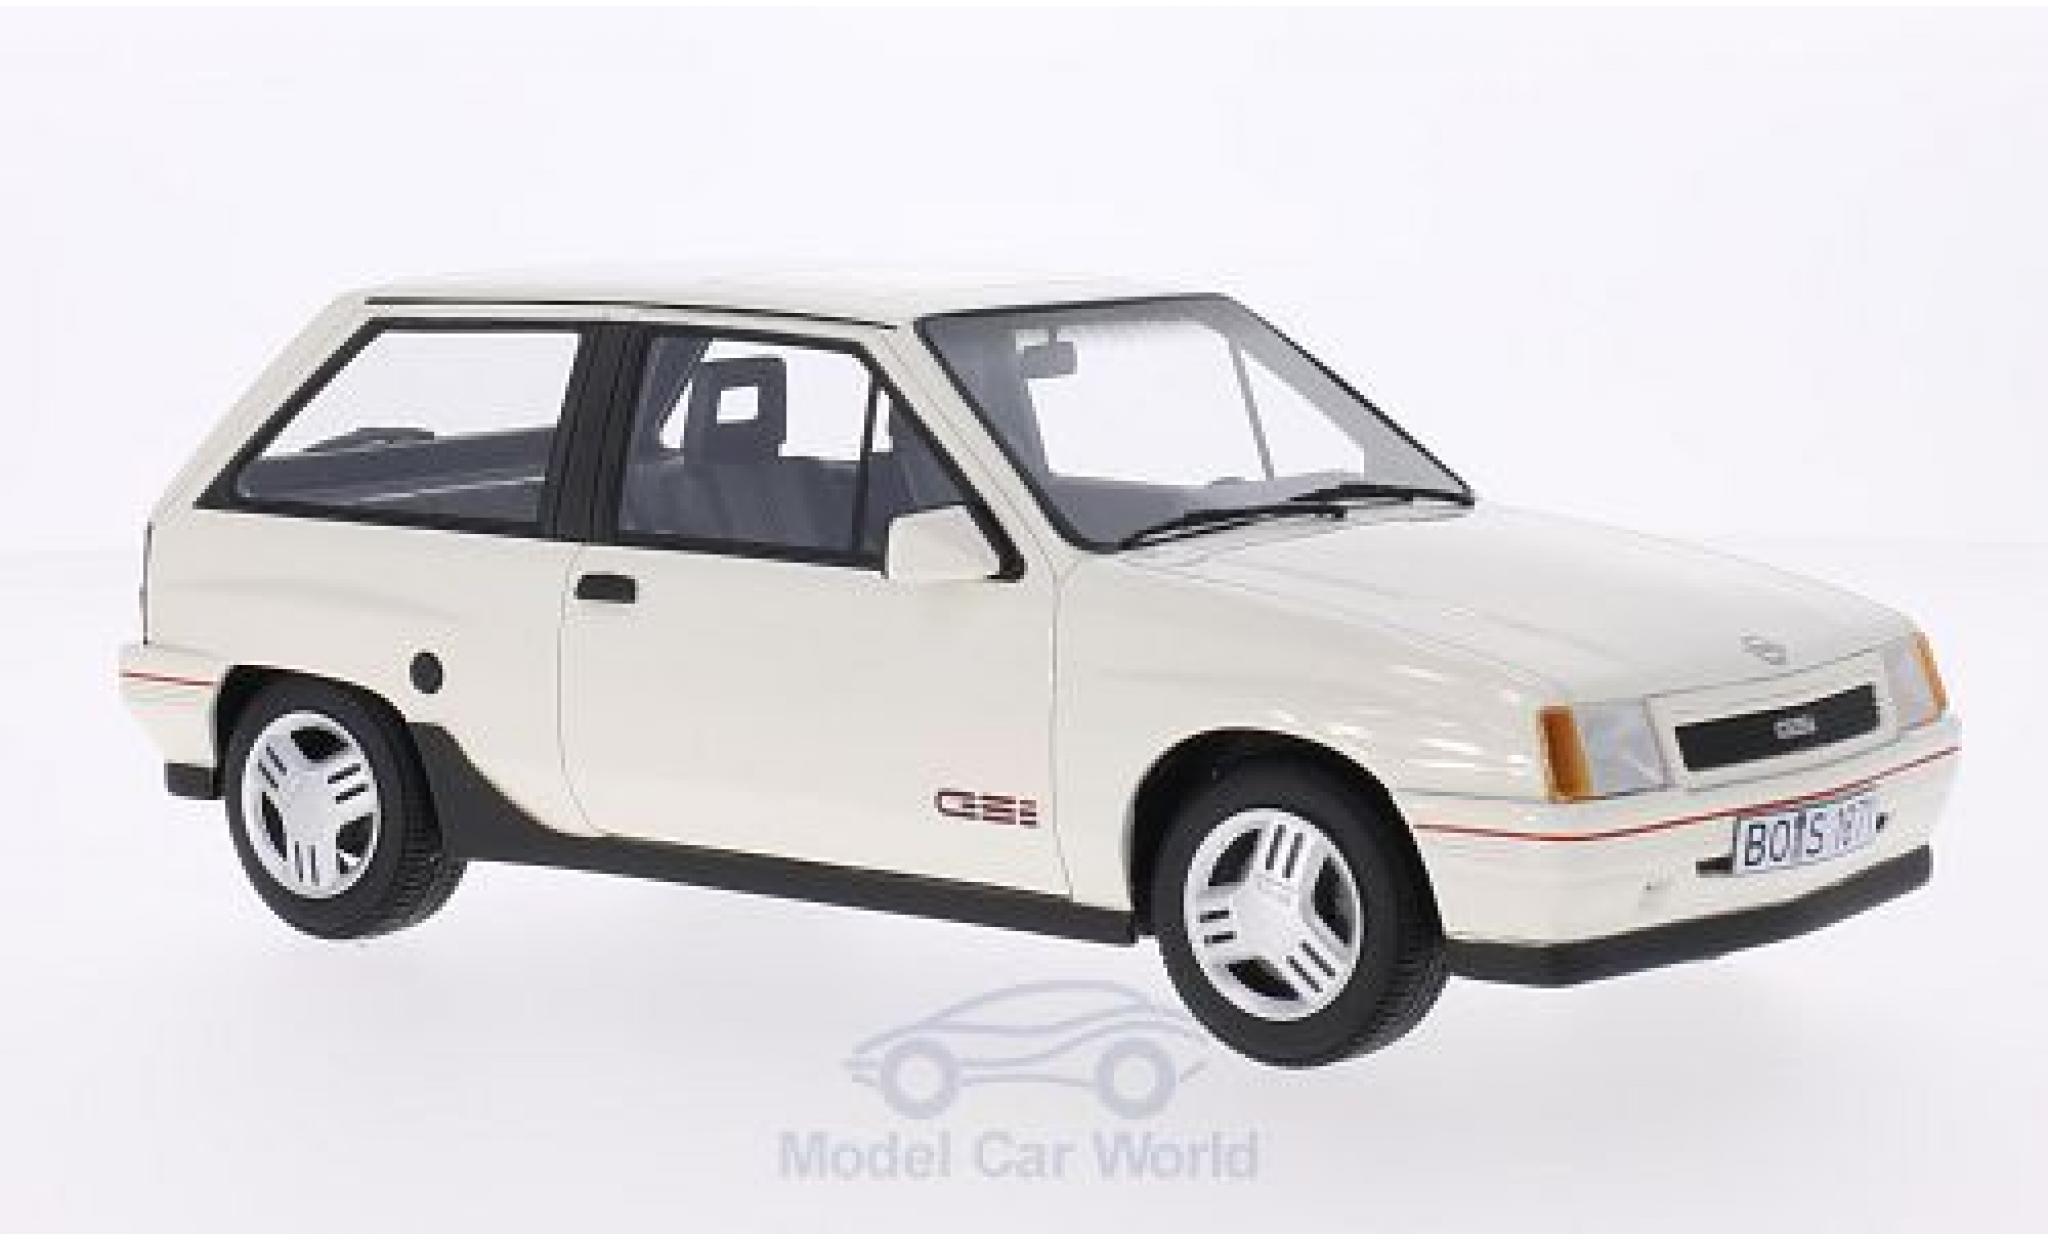 Opel Corsa a blanco 1982 1:43 Schuco maqueta de coche